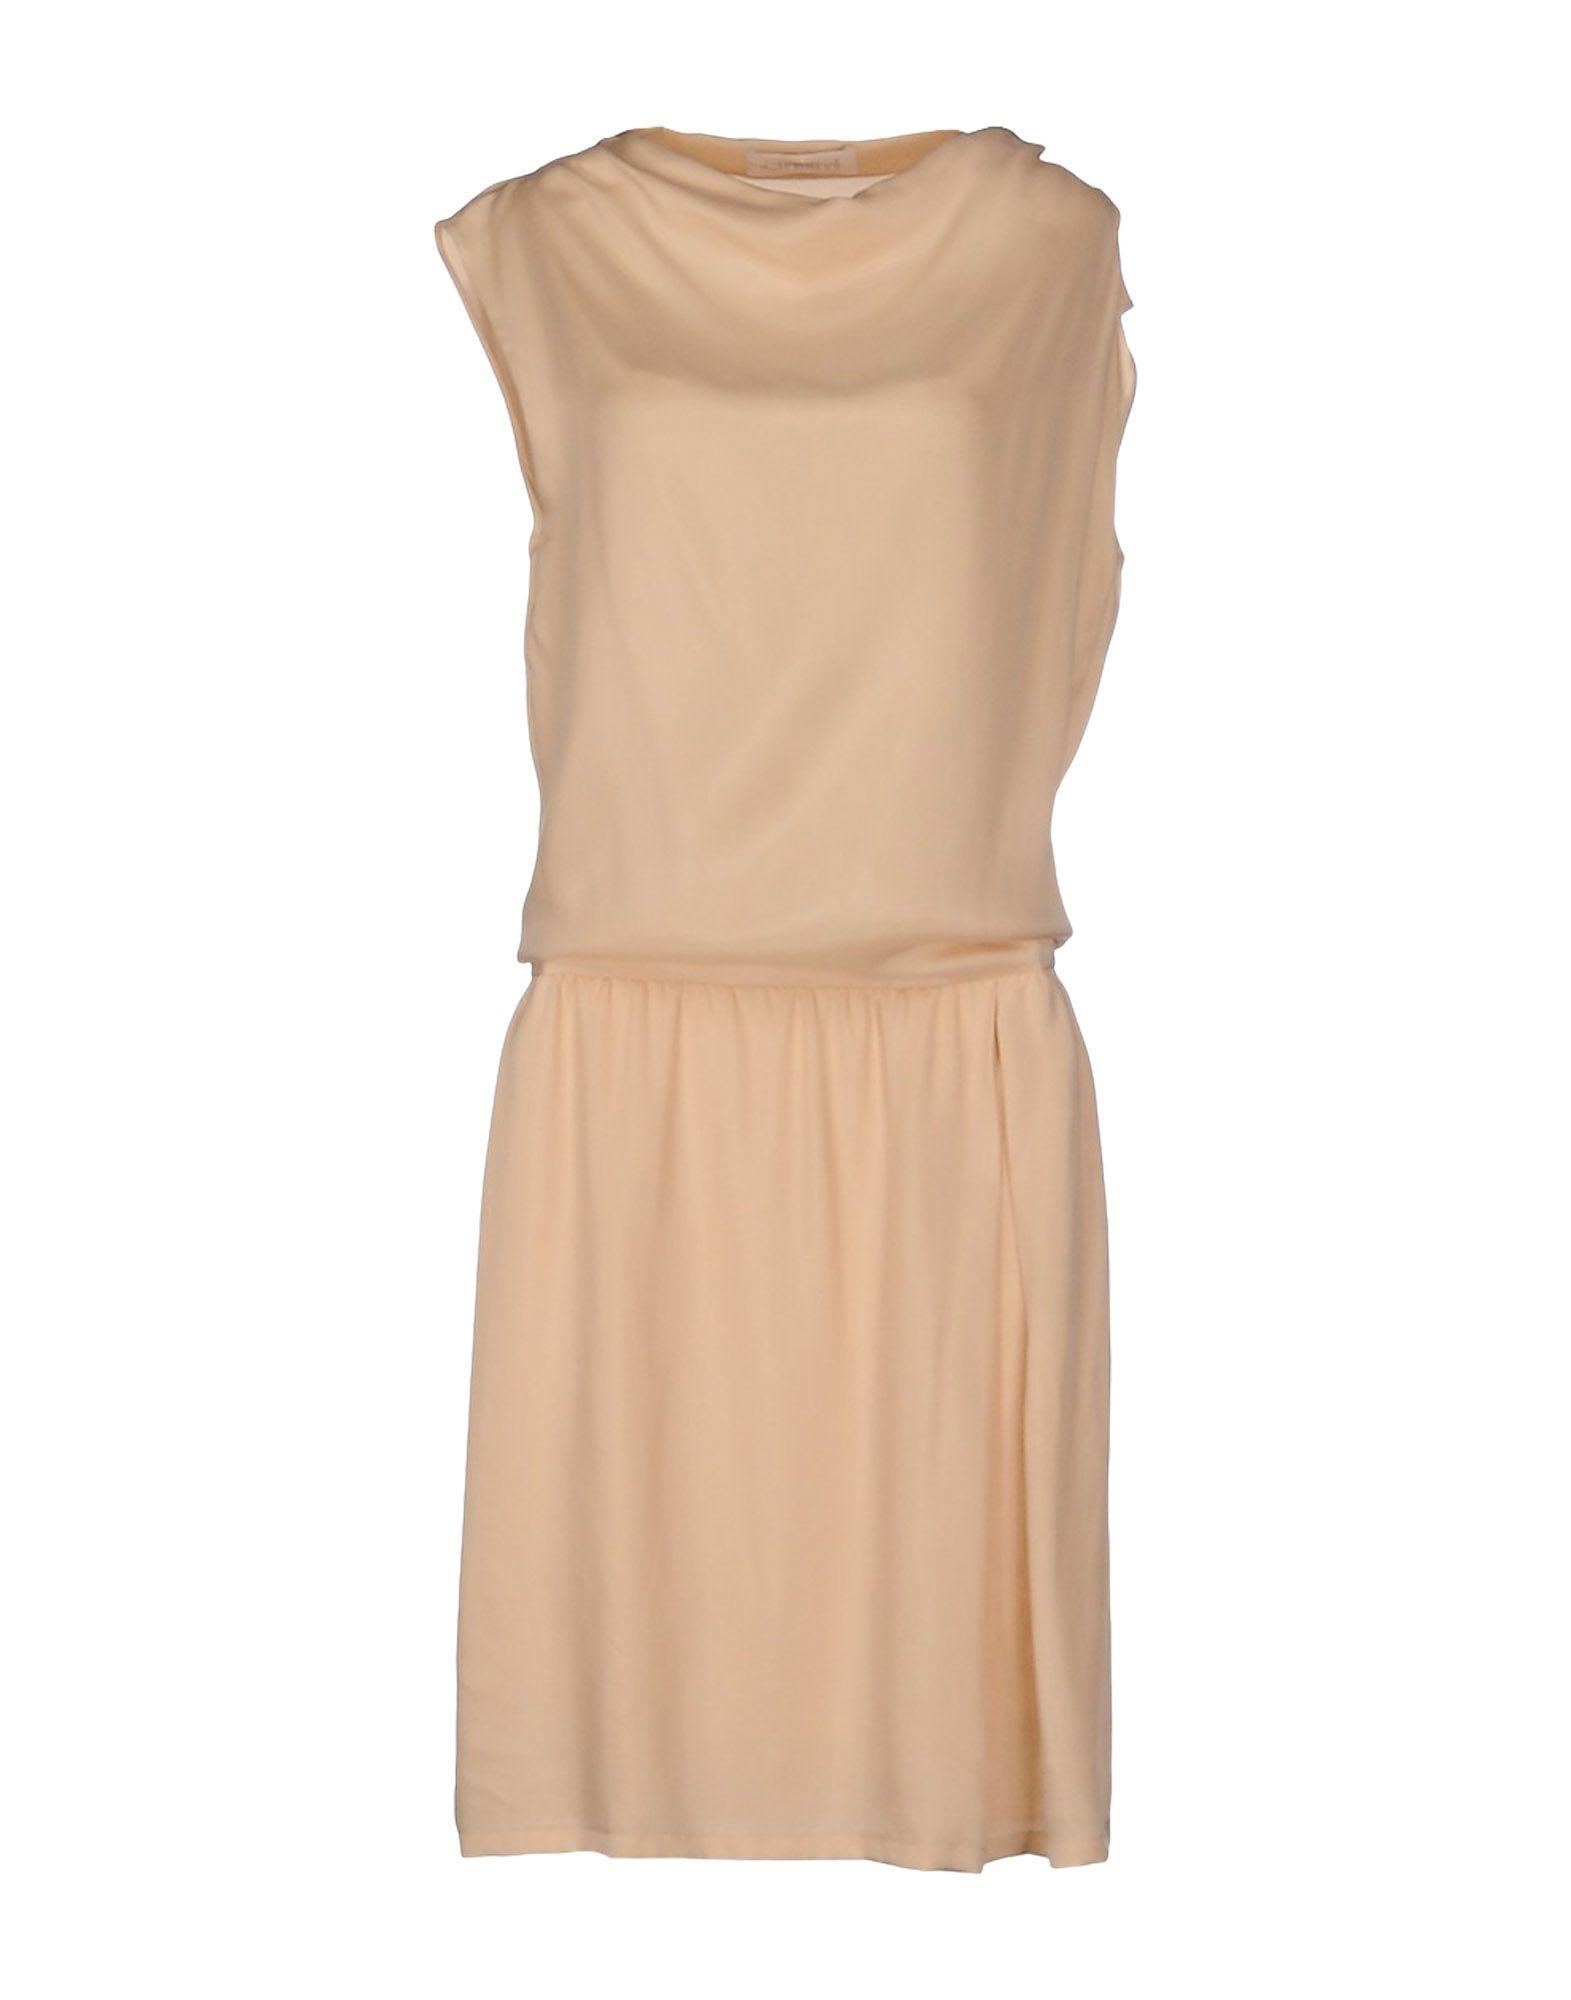 цены на CACHAREL Платье до колена в интернет-магазинах